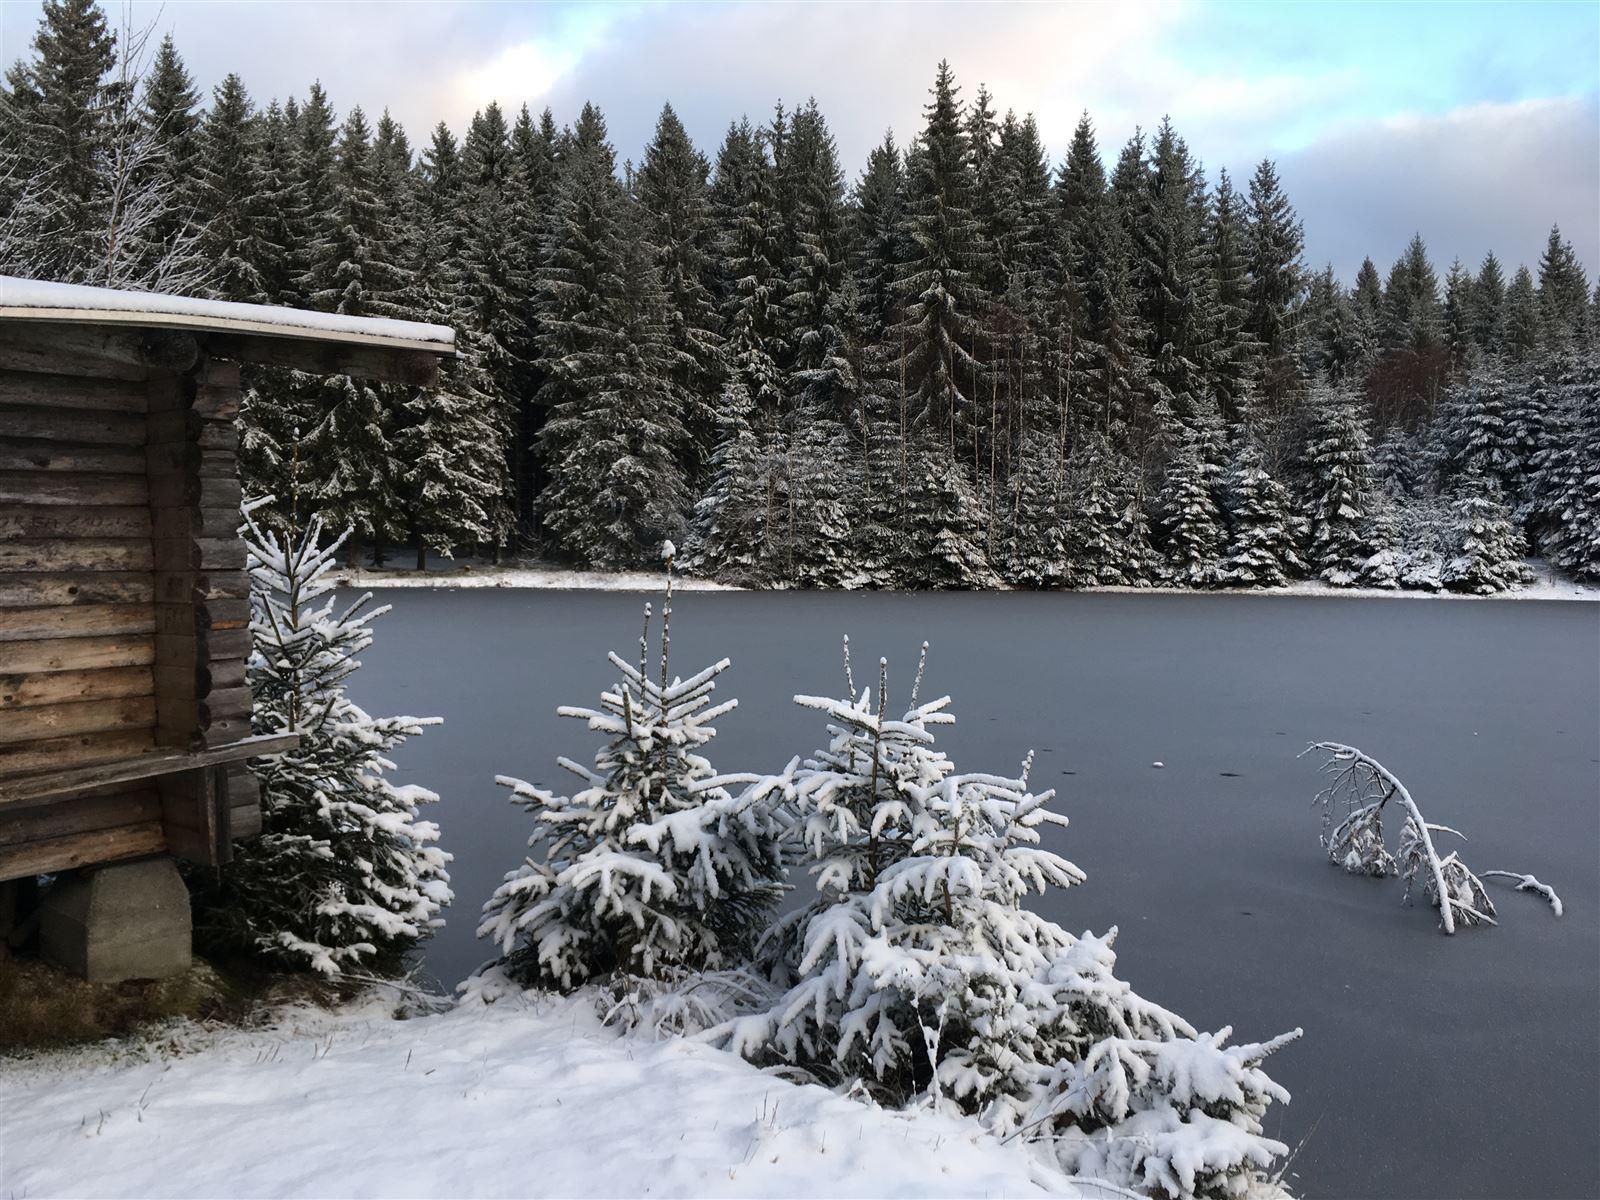 Winterwanderung von der Talsperre Muldenberg zum Sauteich  (Vogtland / Sachsen)